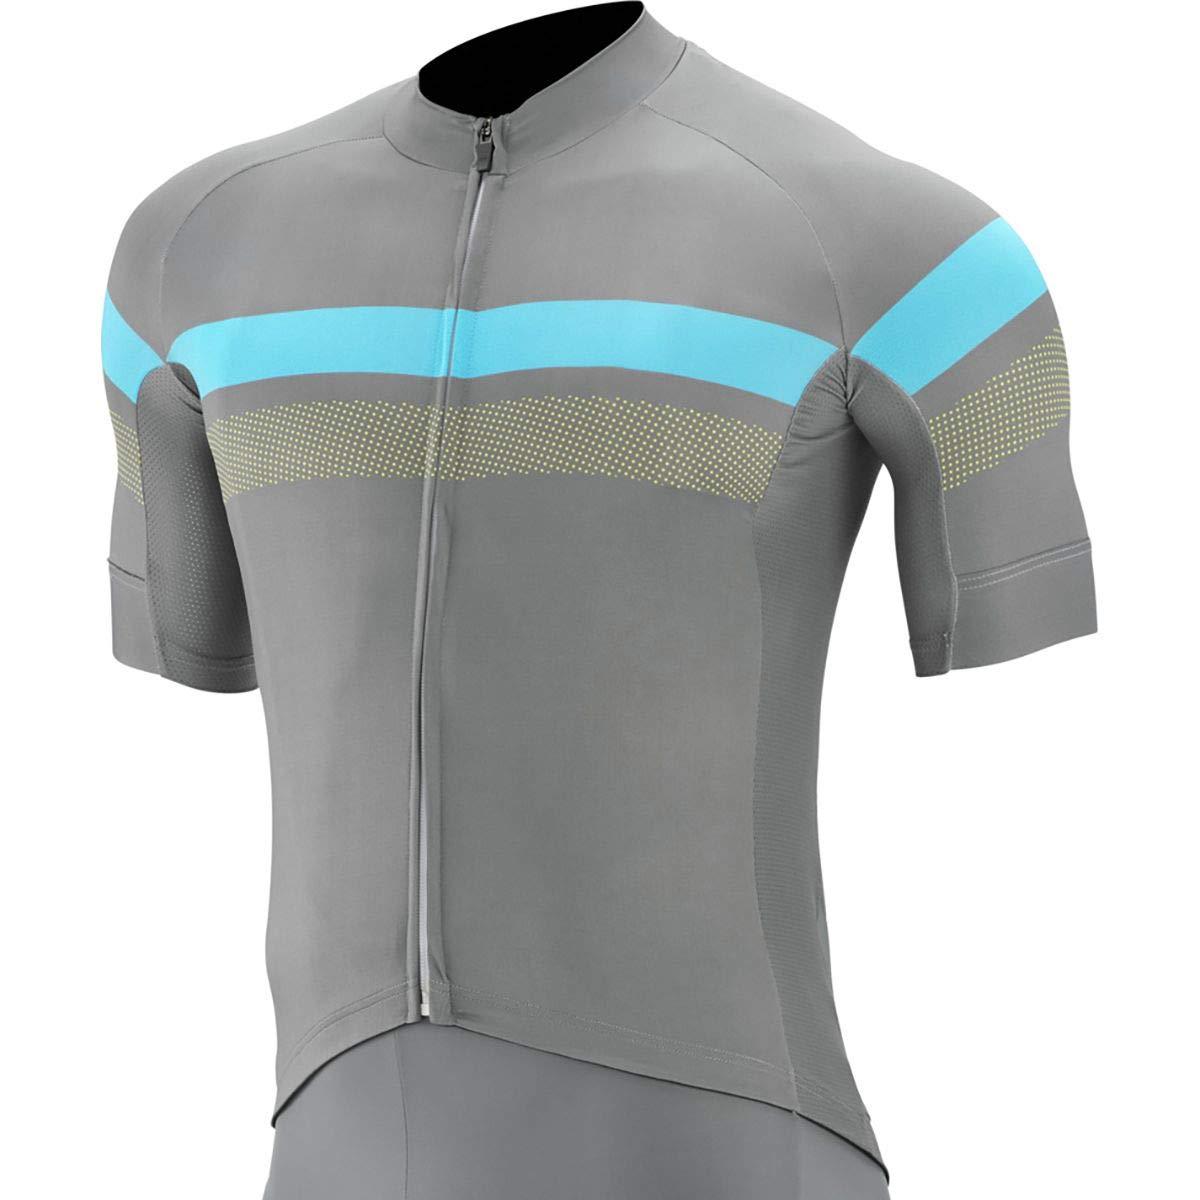 Troy Lee Designs Mountain Bike Jersey RUCKUS JERSEY; STREAMLINE GRY//BLK MD